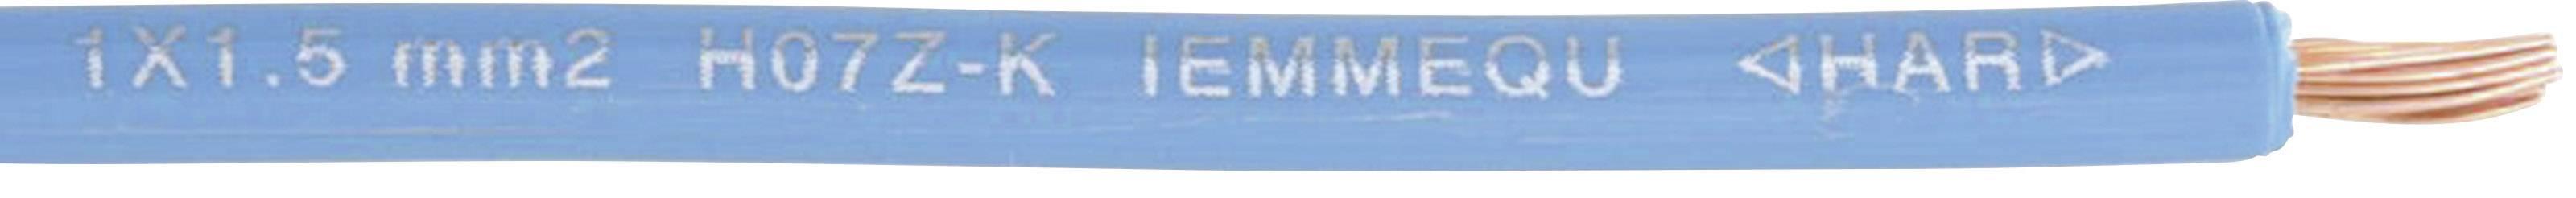 Pletenica H07Z-K 1 x 6 mm, rdeča Faber Kabel 040332 cena za meter